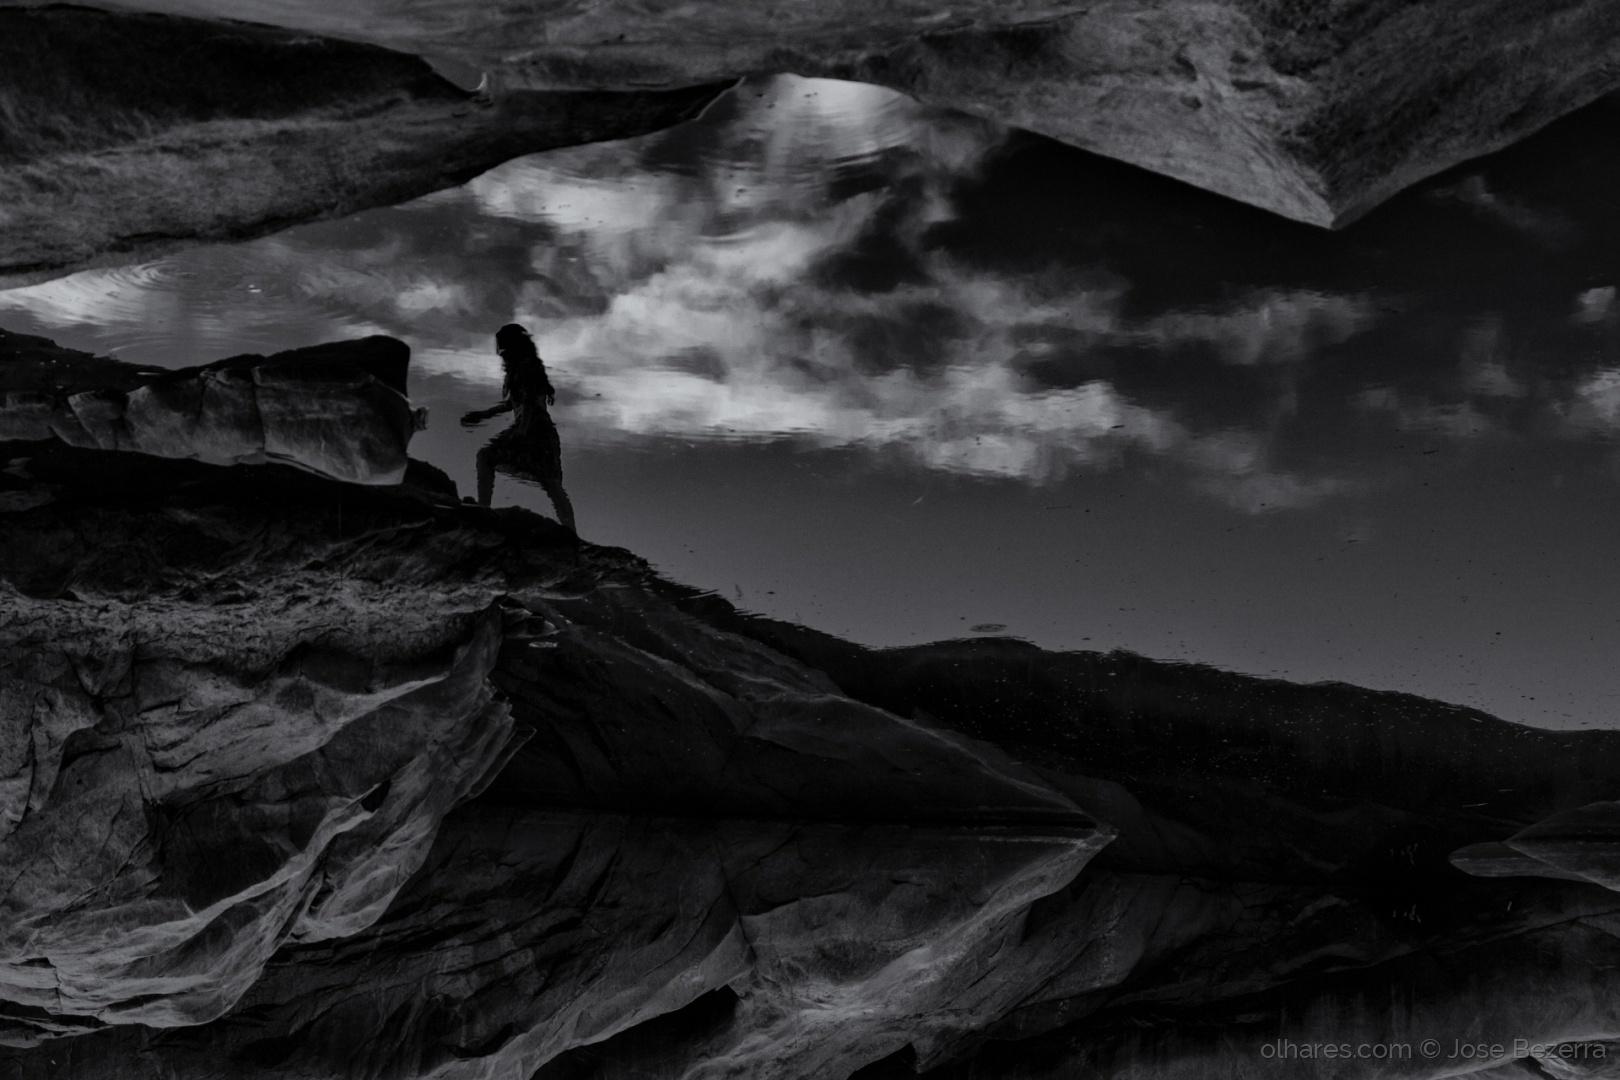 Fotojornalismo/A dama e a pedra...